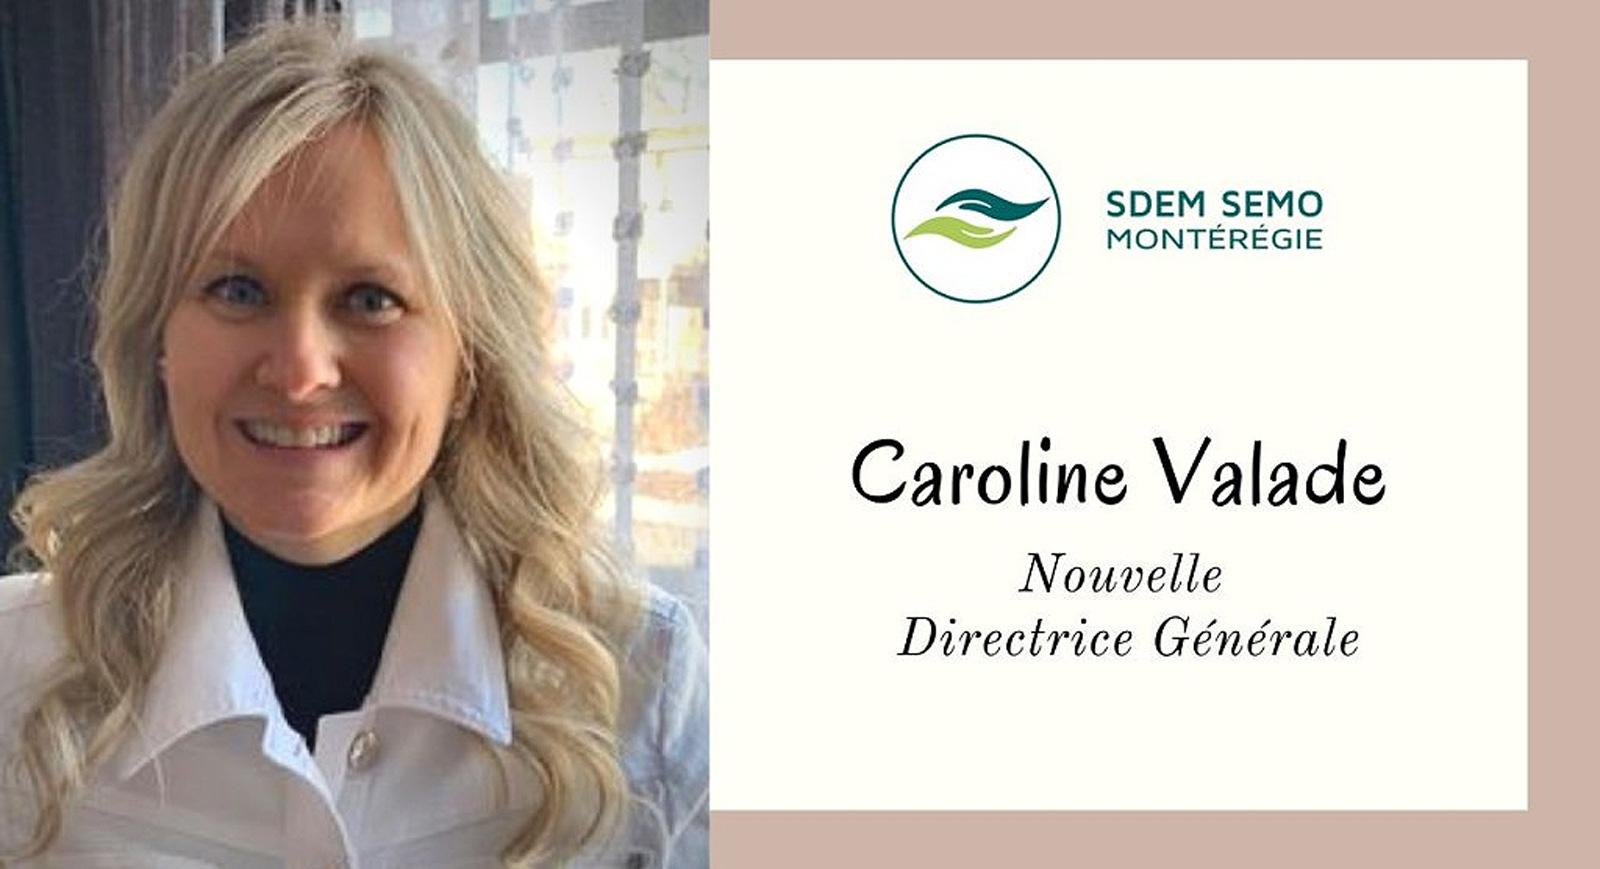 Communiqué > Nomination d'une nouvelle directrice générale à la tête du SDEM SEMO Montérégie